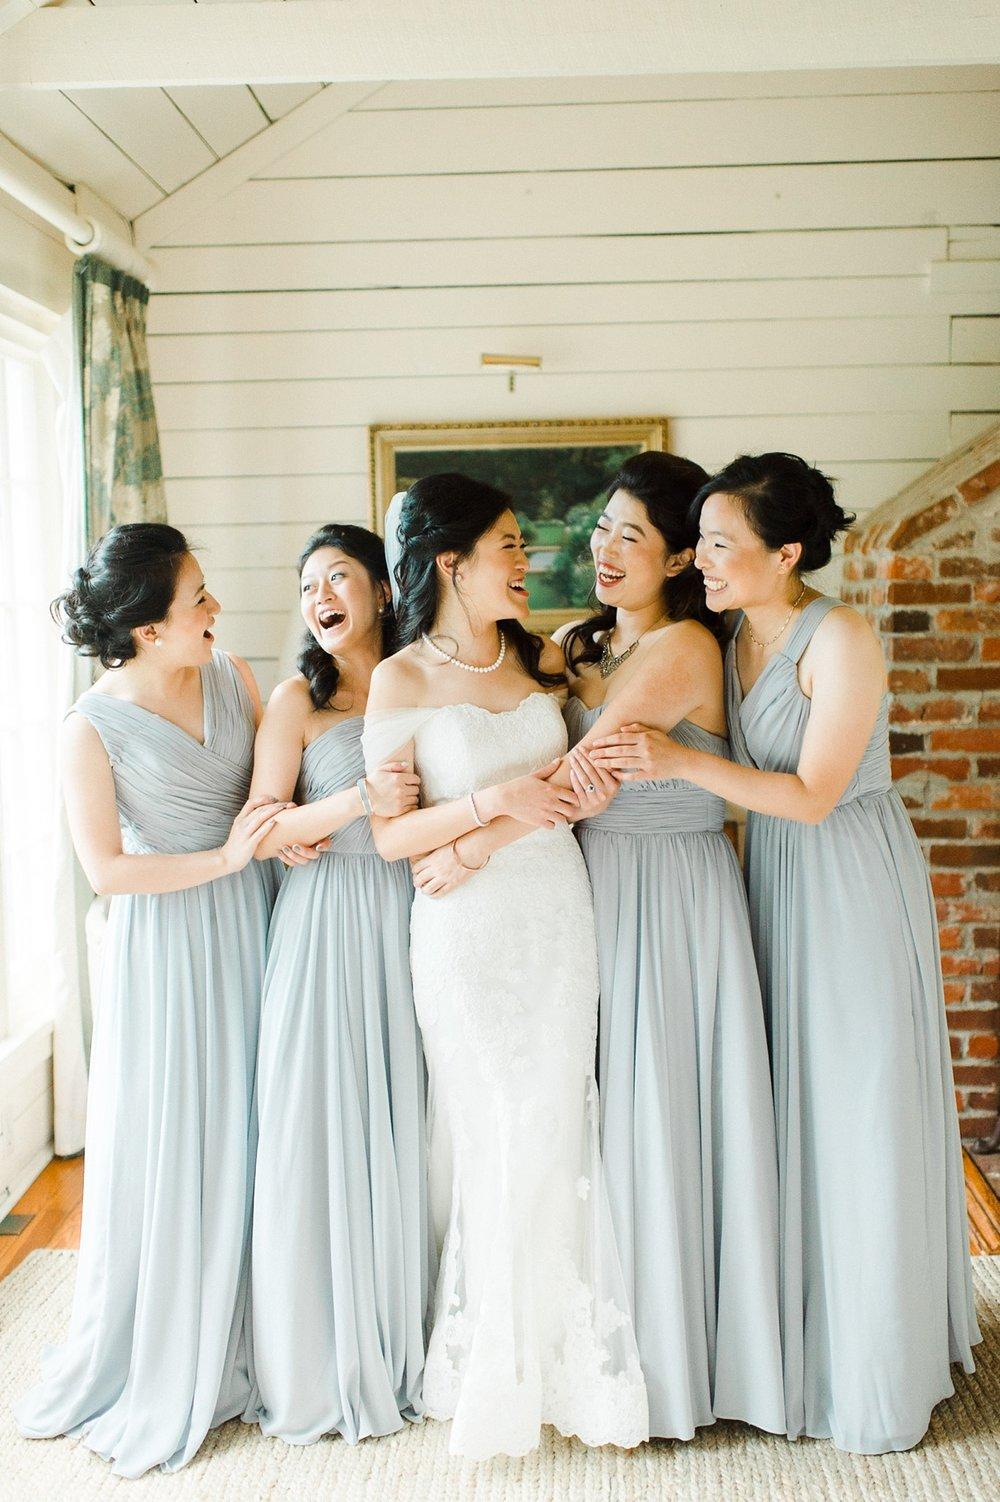 charlottesville_clifton_inn_wedding-39.jpg